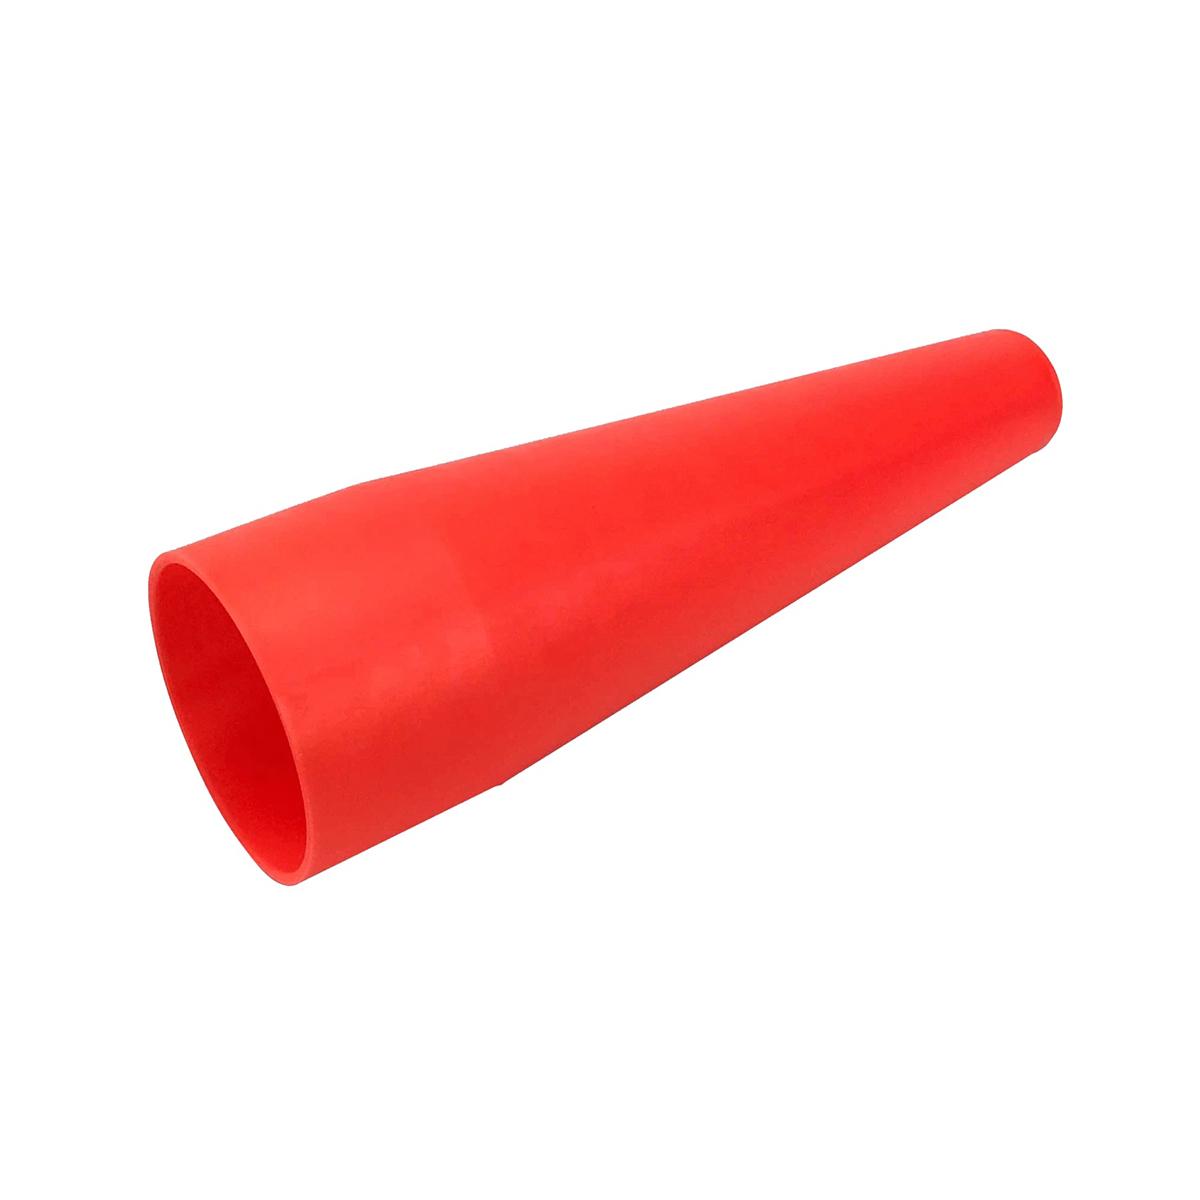 Maglite verkeerskegel Rood - voor Mag-Charger C- D-cell